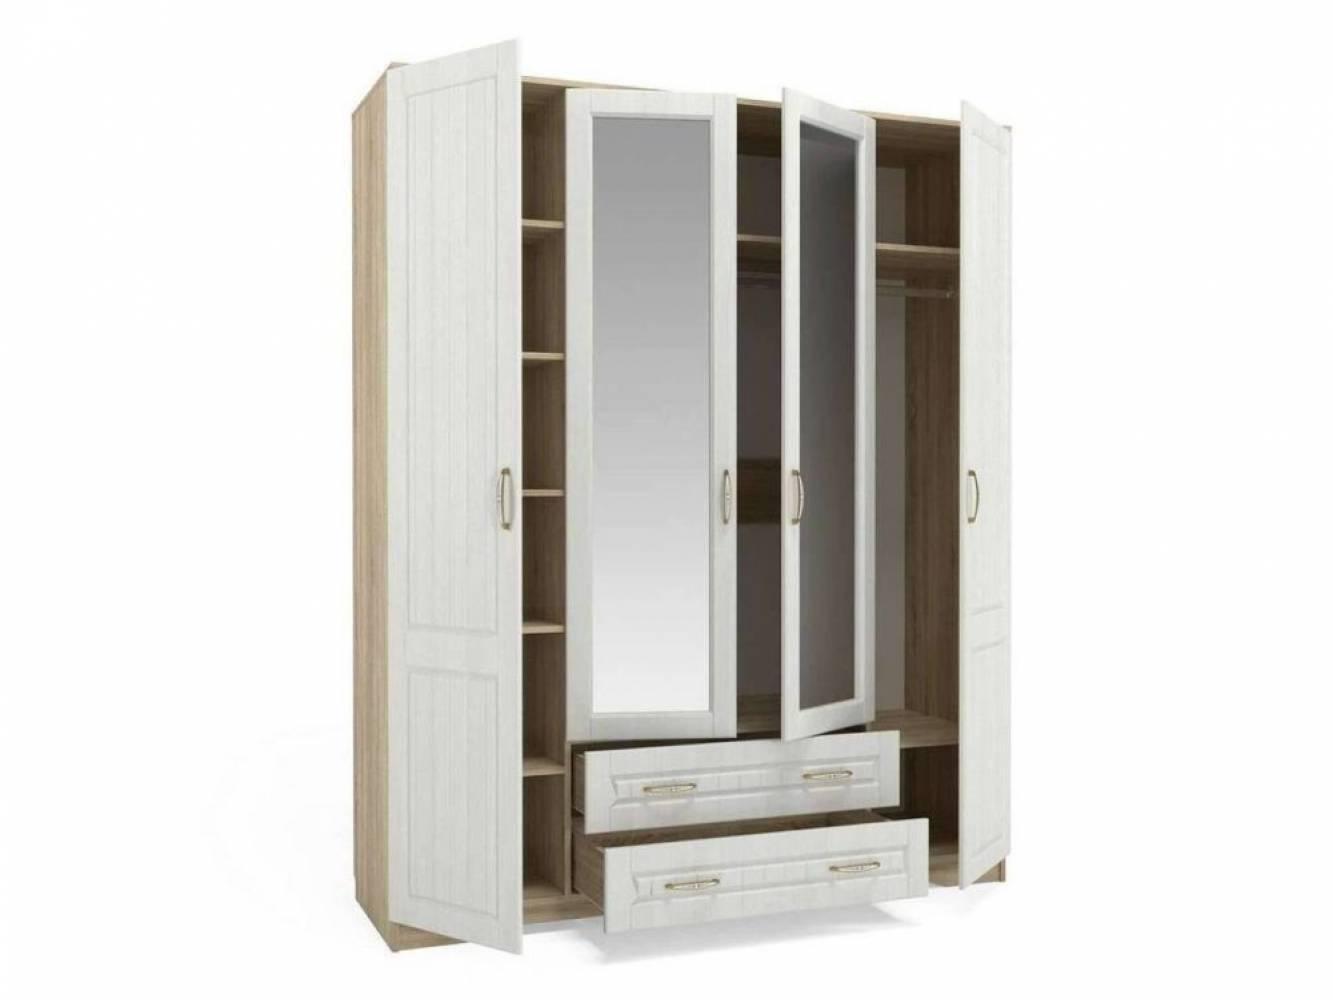 Шкаф комбинированный НМ 011.84 ОЛИВИЯ (Дуб Сонома)